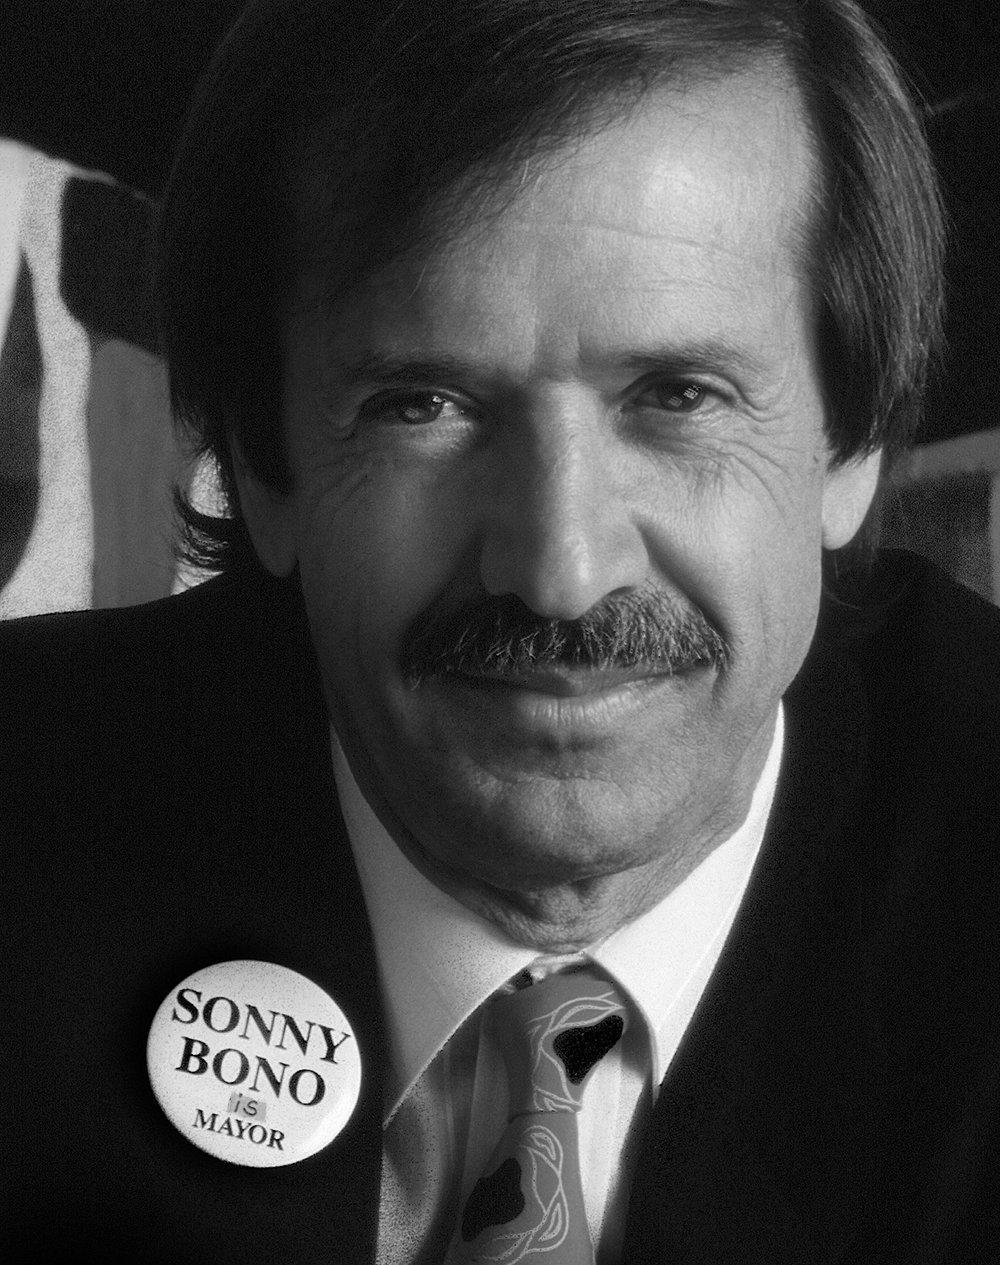 Sonny Bono